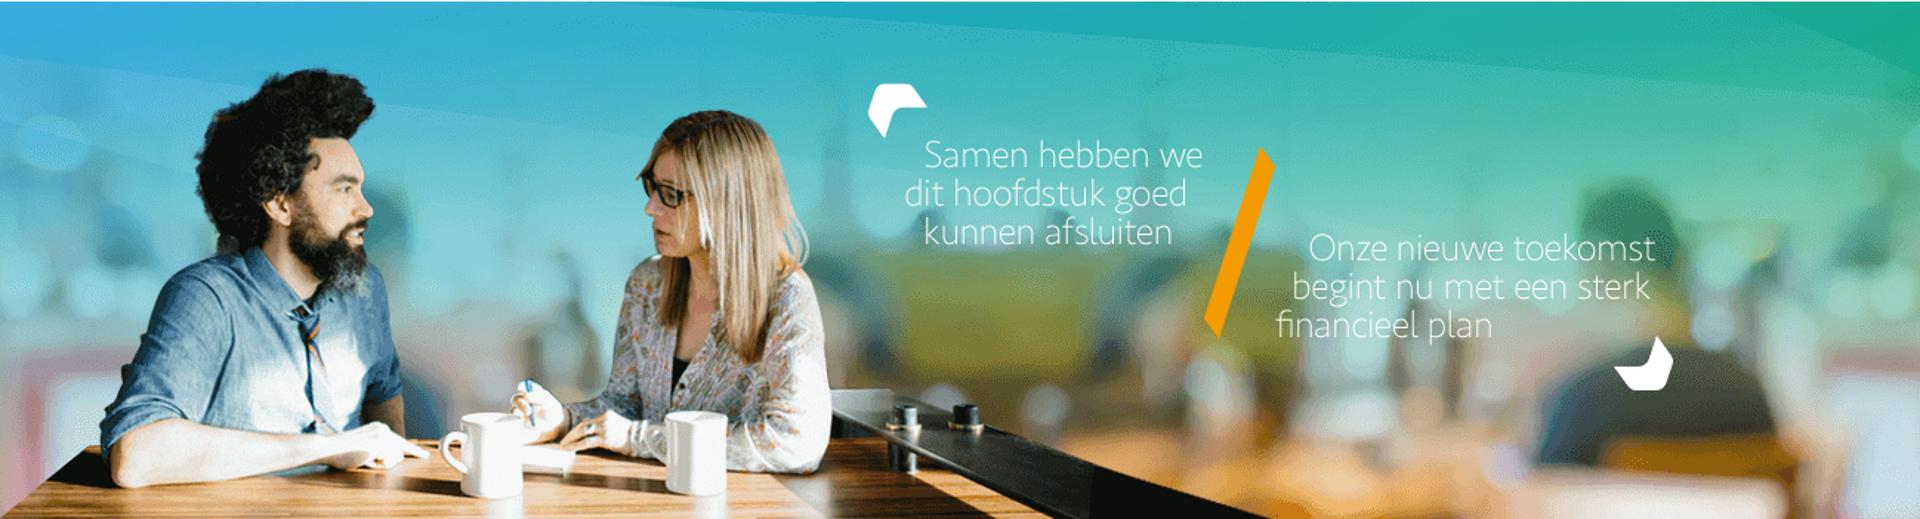 samen scheiden - Scheidingsplanner Hoofddorp - Badhoevedorp - Nieuw-Vennep